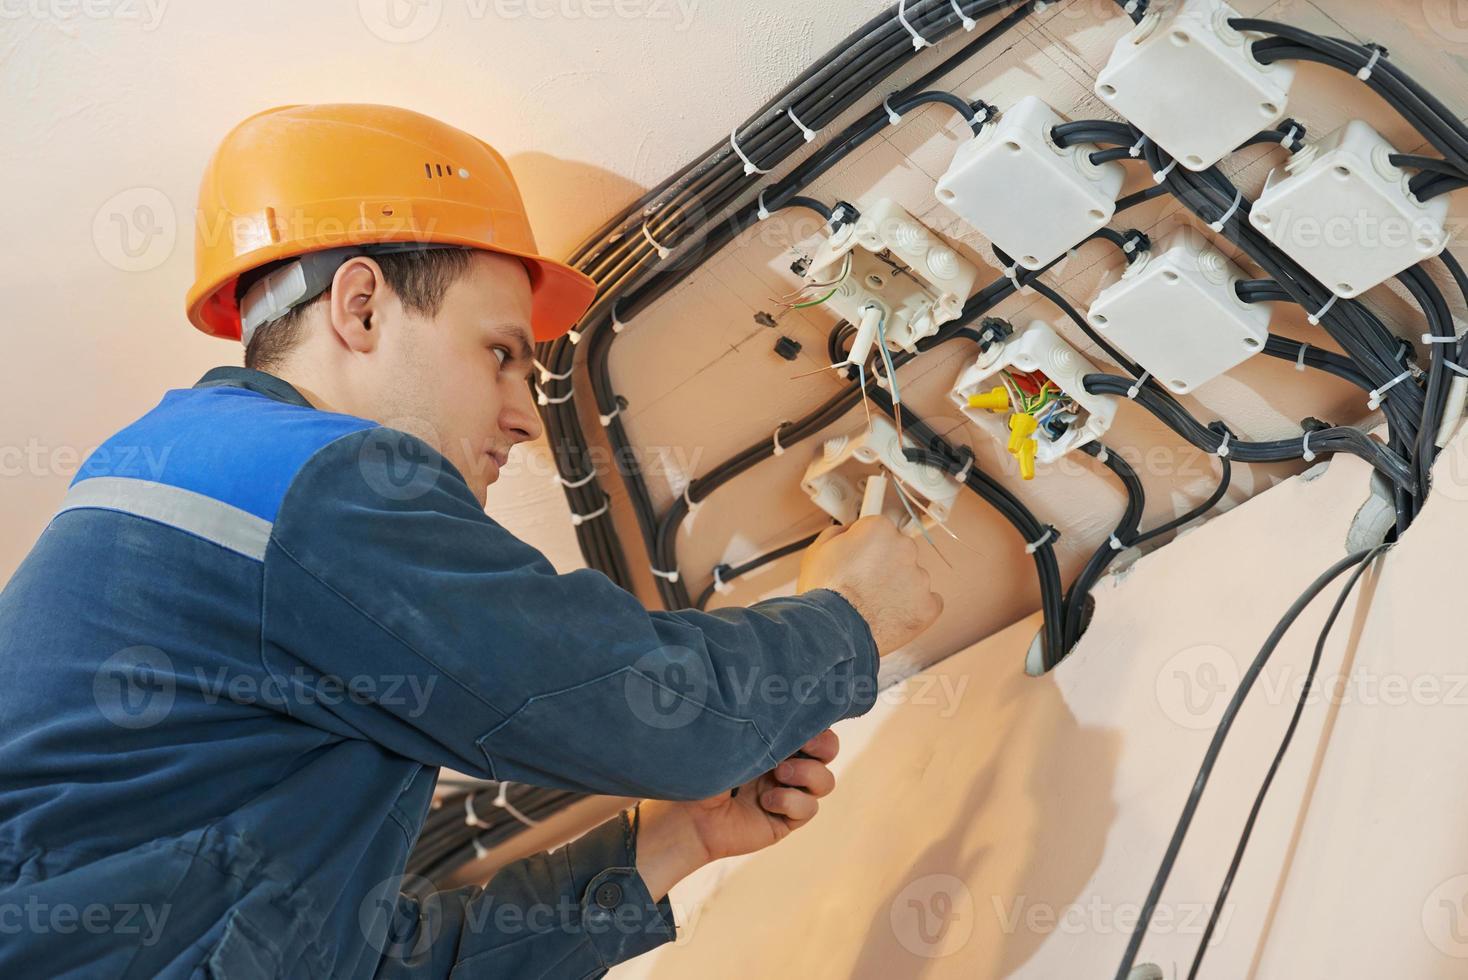 elektricien werkt met elektrisch netwerk foto